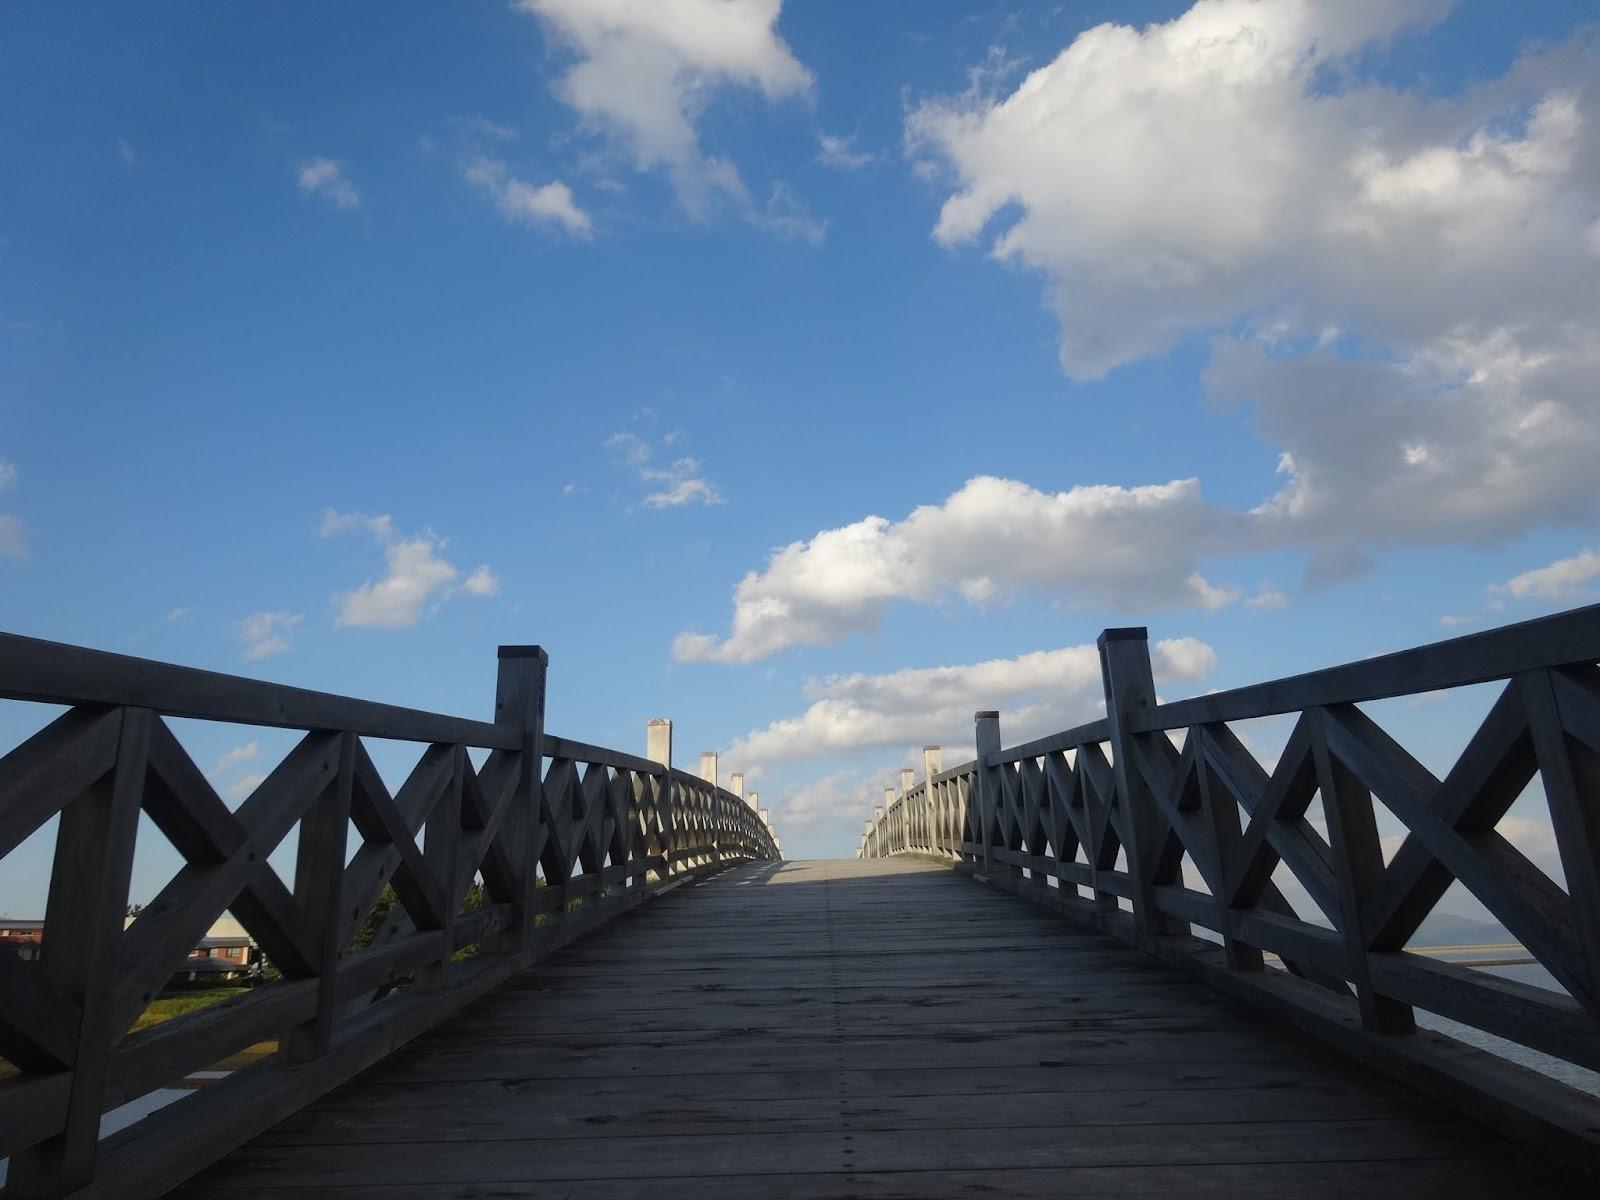 鶴の舞橋,津軽富士見湖〈著作権フリー画像〉Free Stock Photos